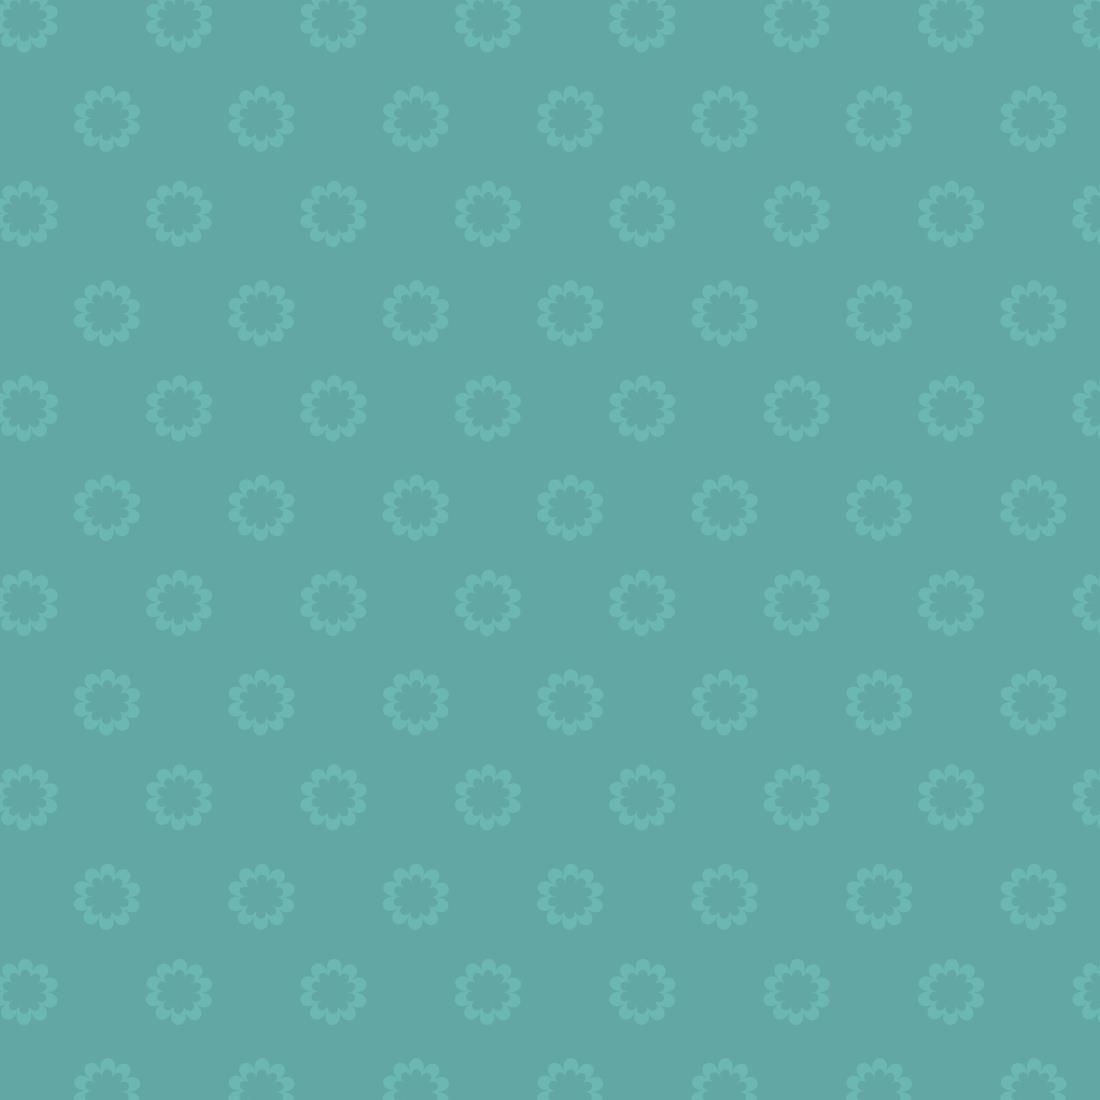 Papel de Parede Autocolante - Floral 908 » Papel na Parede - Autocolante